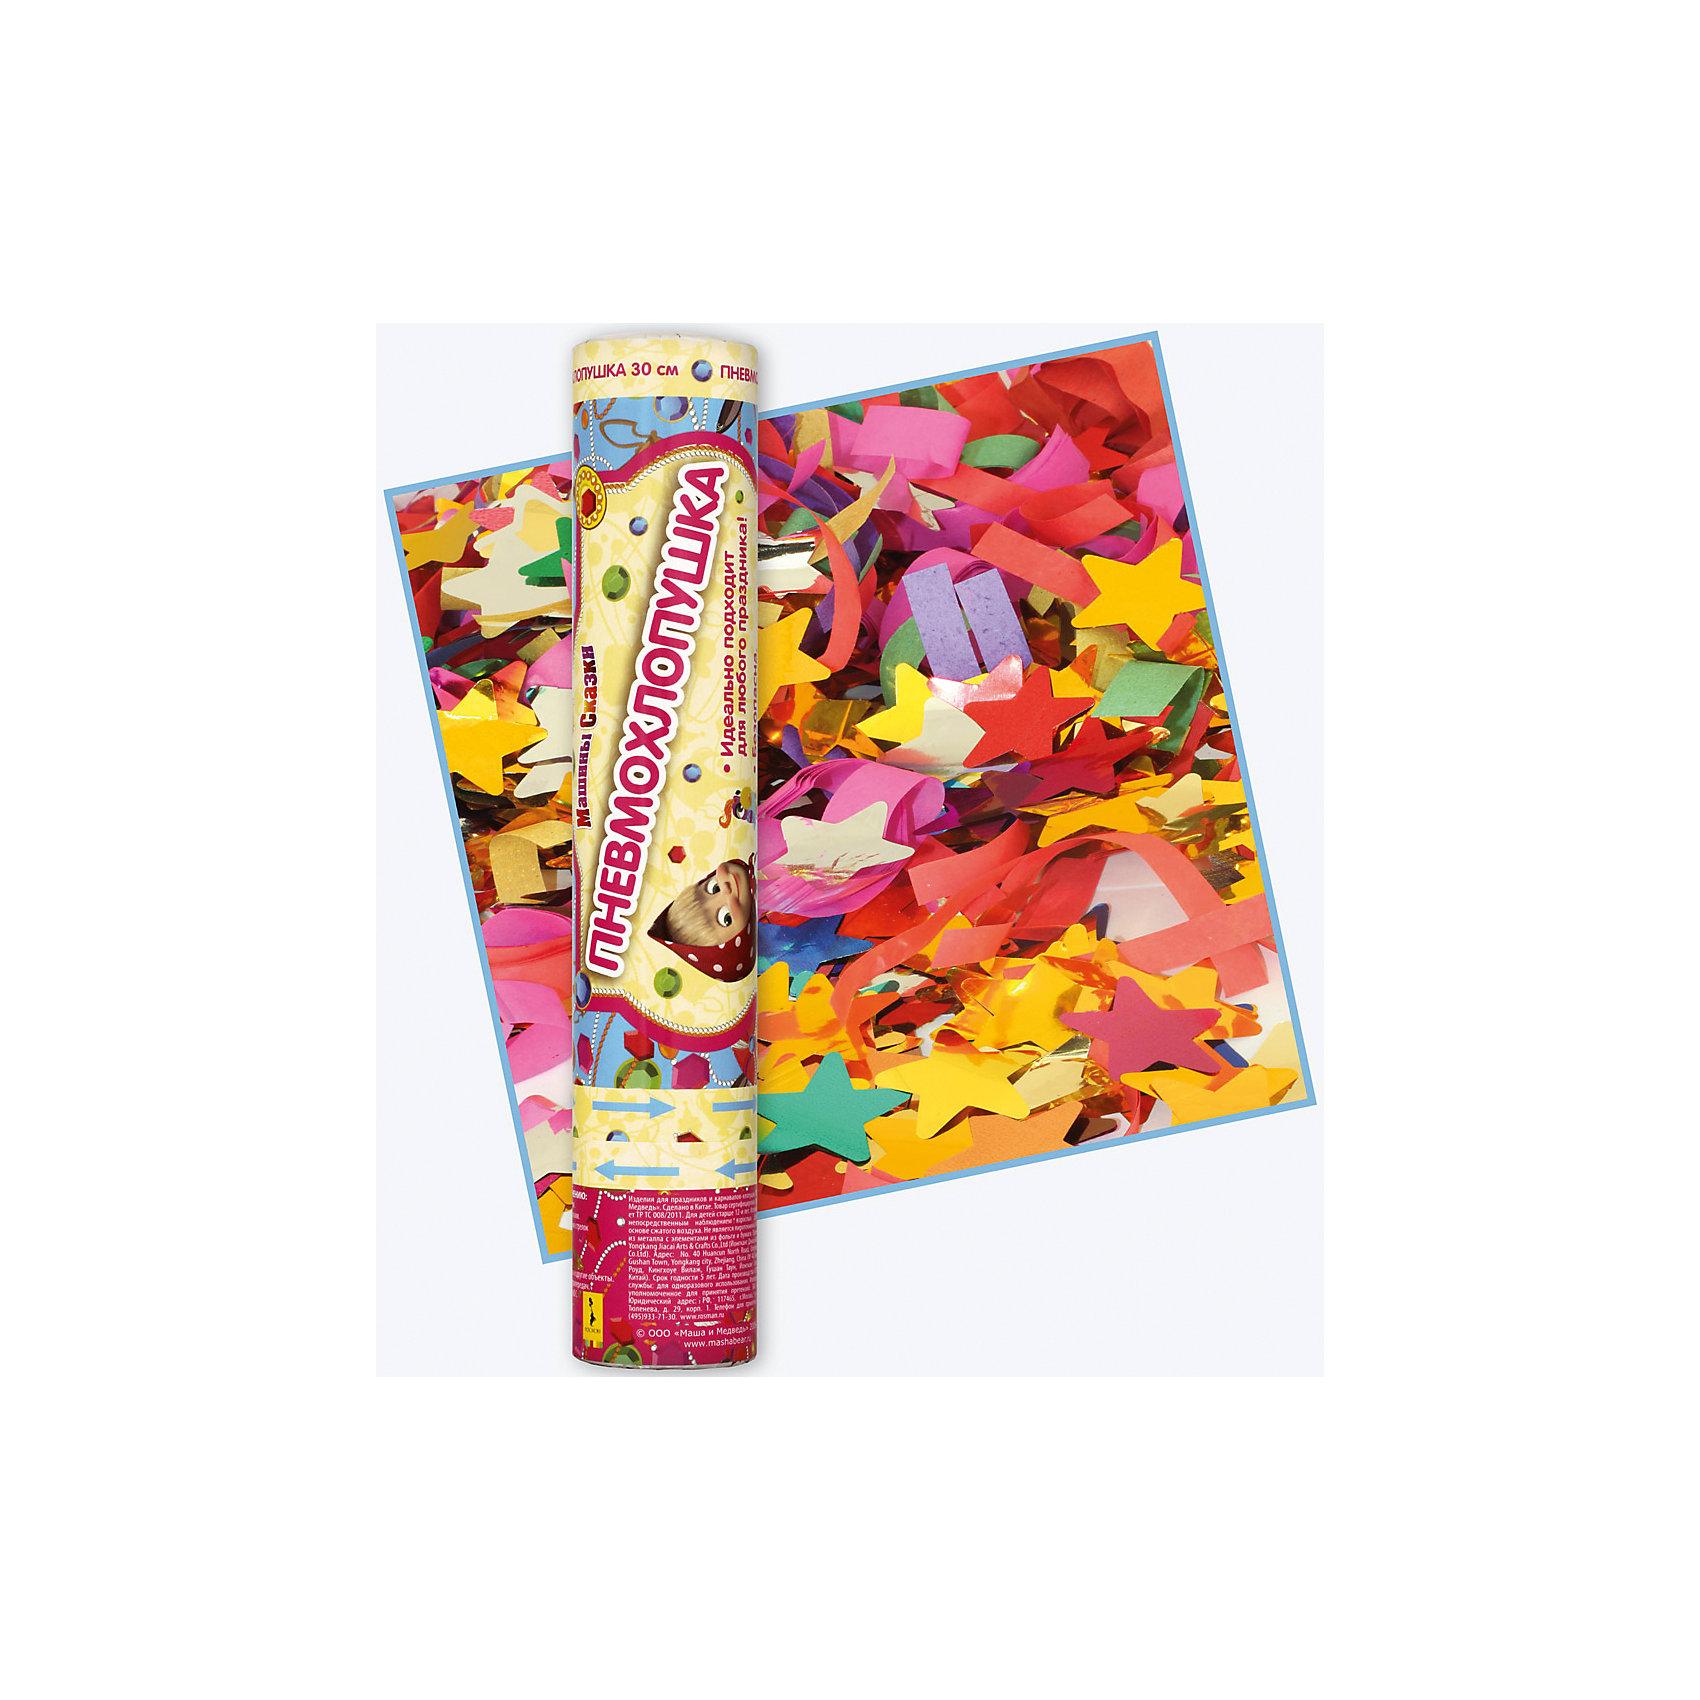 Хлопушка Машины сказки, 30 смМаша и Медведь<br>Любой детский праздник станет ярче и веселее, когда раздастся знакомый хлопок и на участников торжества посыплется разноцветный серпантин, а воздух засияет от переливающегося падающего конфетти. Восторг и радостный смех гостей – гарантированы! И для этого отлично подойдет хлопушка «Машины сказки» по мотивам мультфильма «Маша и Медведь» высотой 30 см, наполненная разноцветным серпантином и конфетти в виде звездочек.<br>Хлопушка представляет собой металлическую тубу с бумажным и фольгированным наполнением, не содержит пороха, действует на основе сжатого воздуха, безопасна при использовании по назначению.<br><br>Дополнительная информация:<br><br>Размер хлопушки: 30 см<br><br>Хлопушку Машины сказки, 30 см можно купить в нашем магазине.<br><br>Ширина мм: 50<br>Глубина мм: 50<br>Высота мм: 280<br>Вес г: 164<br>Возраст от месяцев: 60<br>Возраст до месяцев: 120<br>Пол: Унисекс<br>Возраст: Детский<br>SKU: 4222399